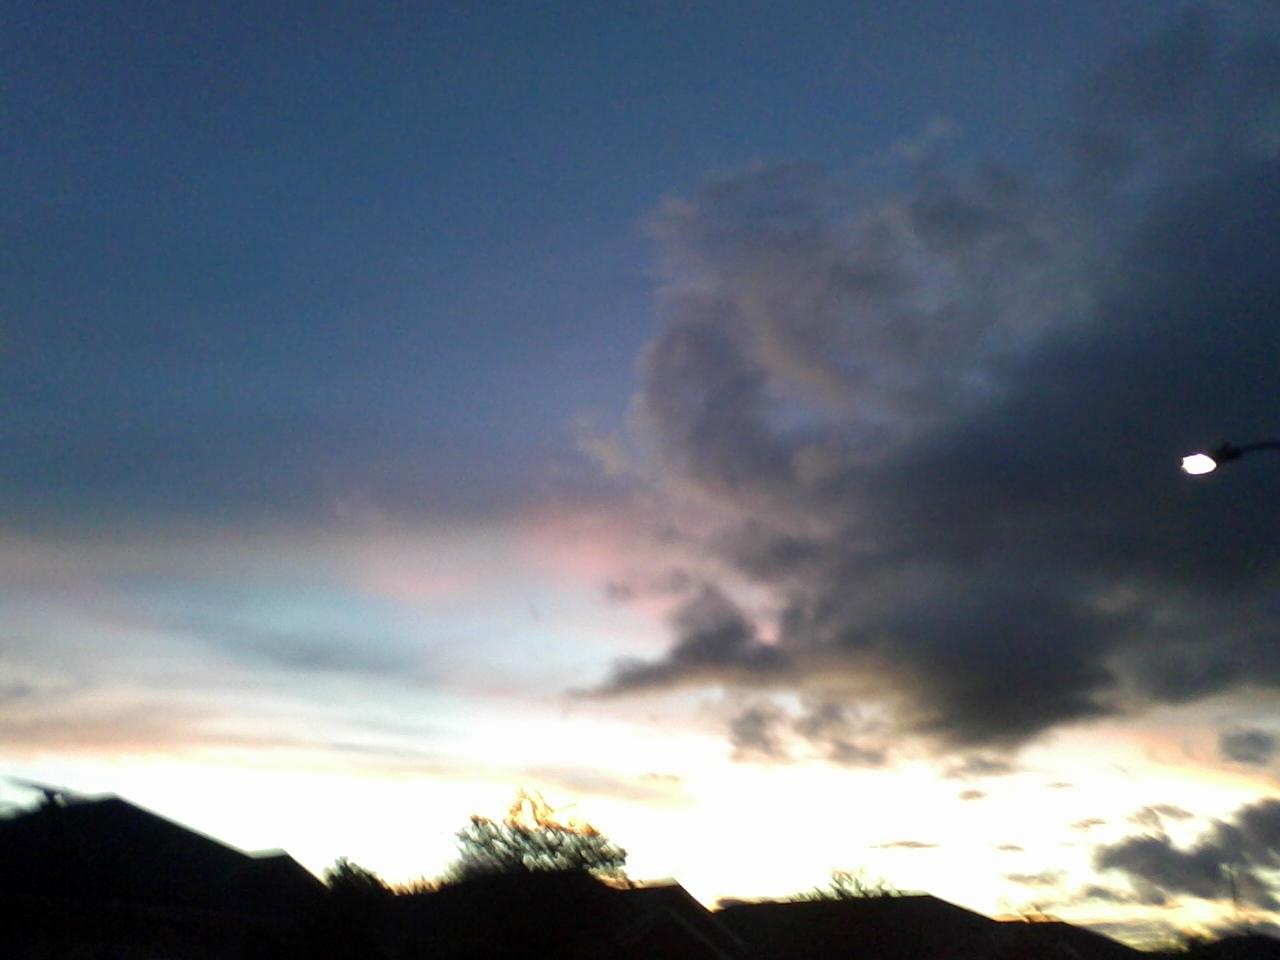 Sky - 0825200630.jpg